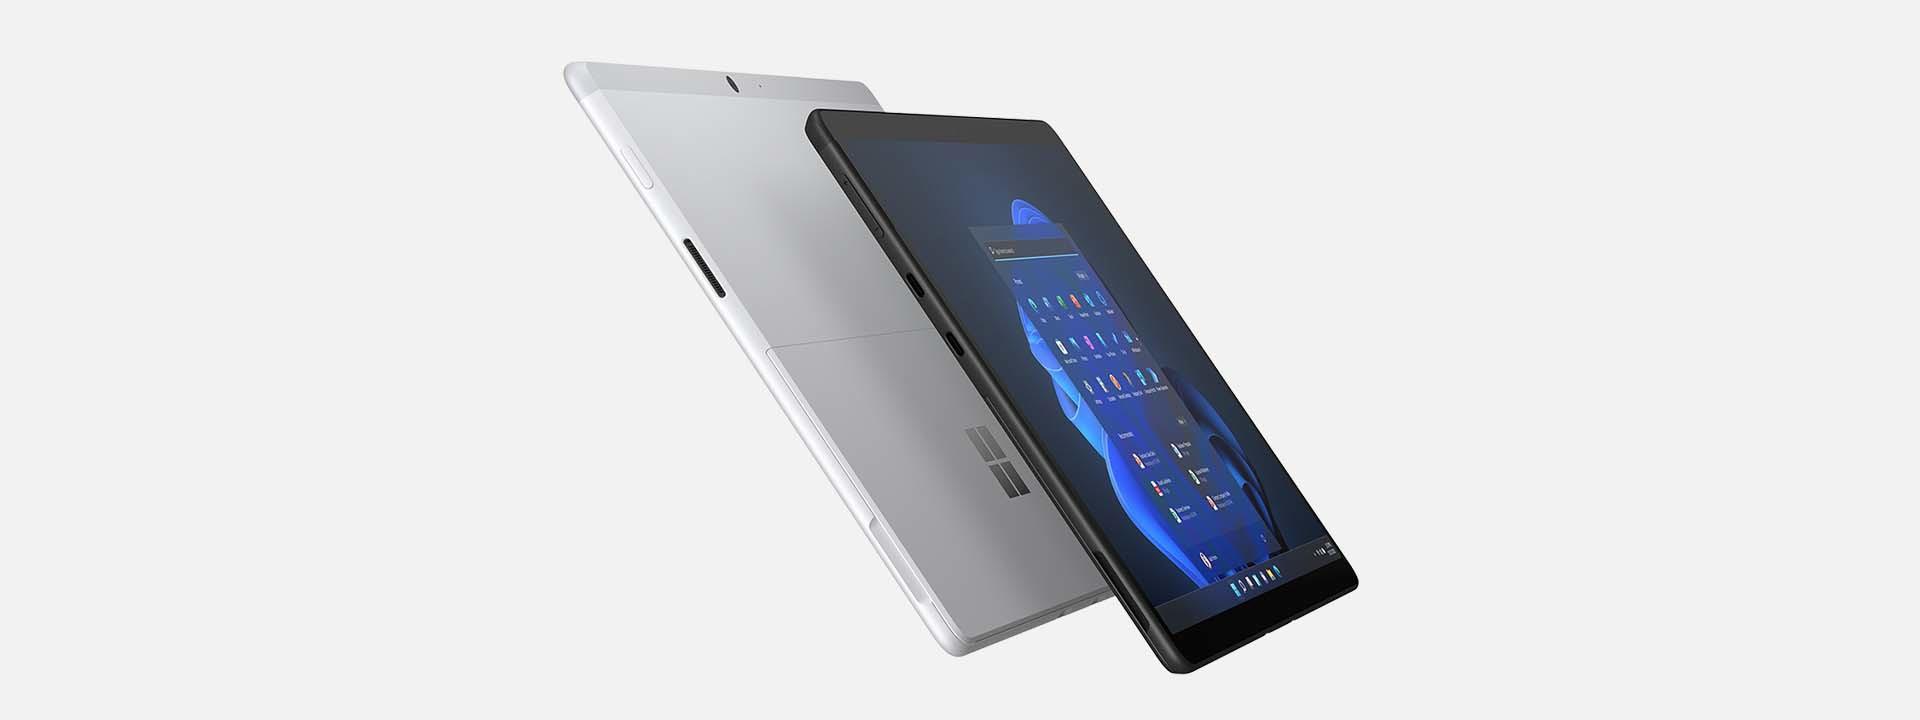 展示兩台 Surface Pro X 裝置背靠背